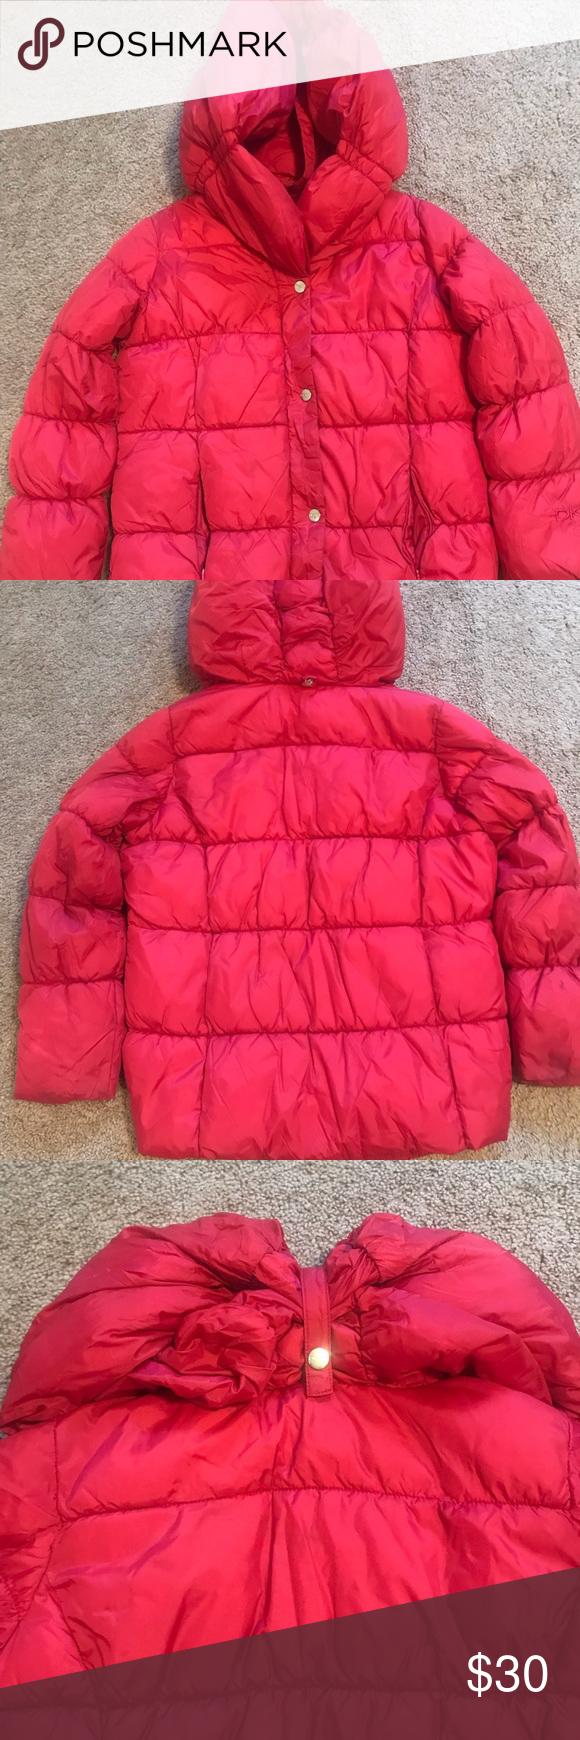 Dkny Puffer Coat Puffer Coat Dkny Clothes Design [ 1740 x 580 Pixel ]